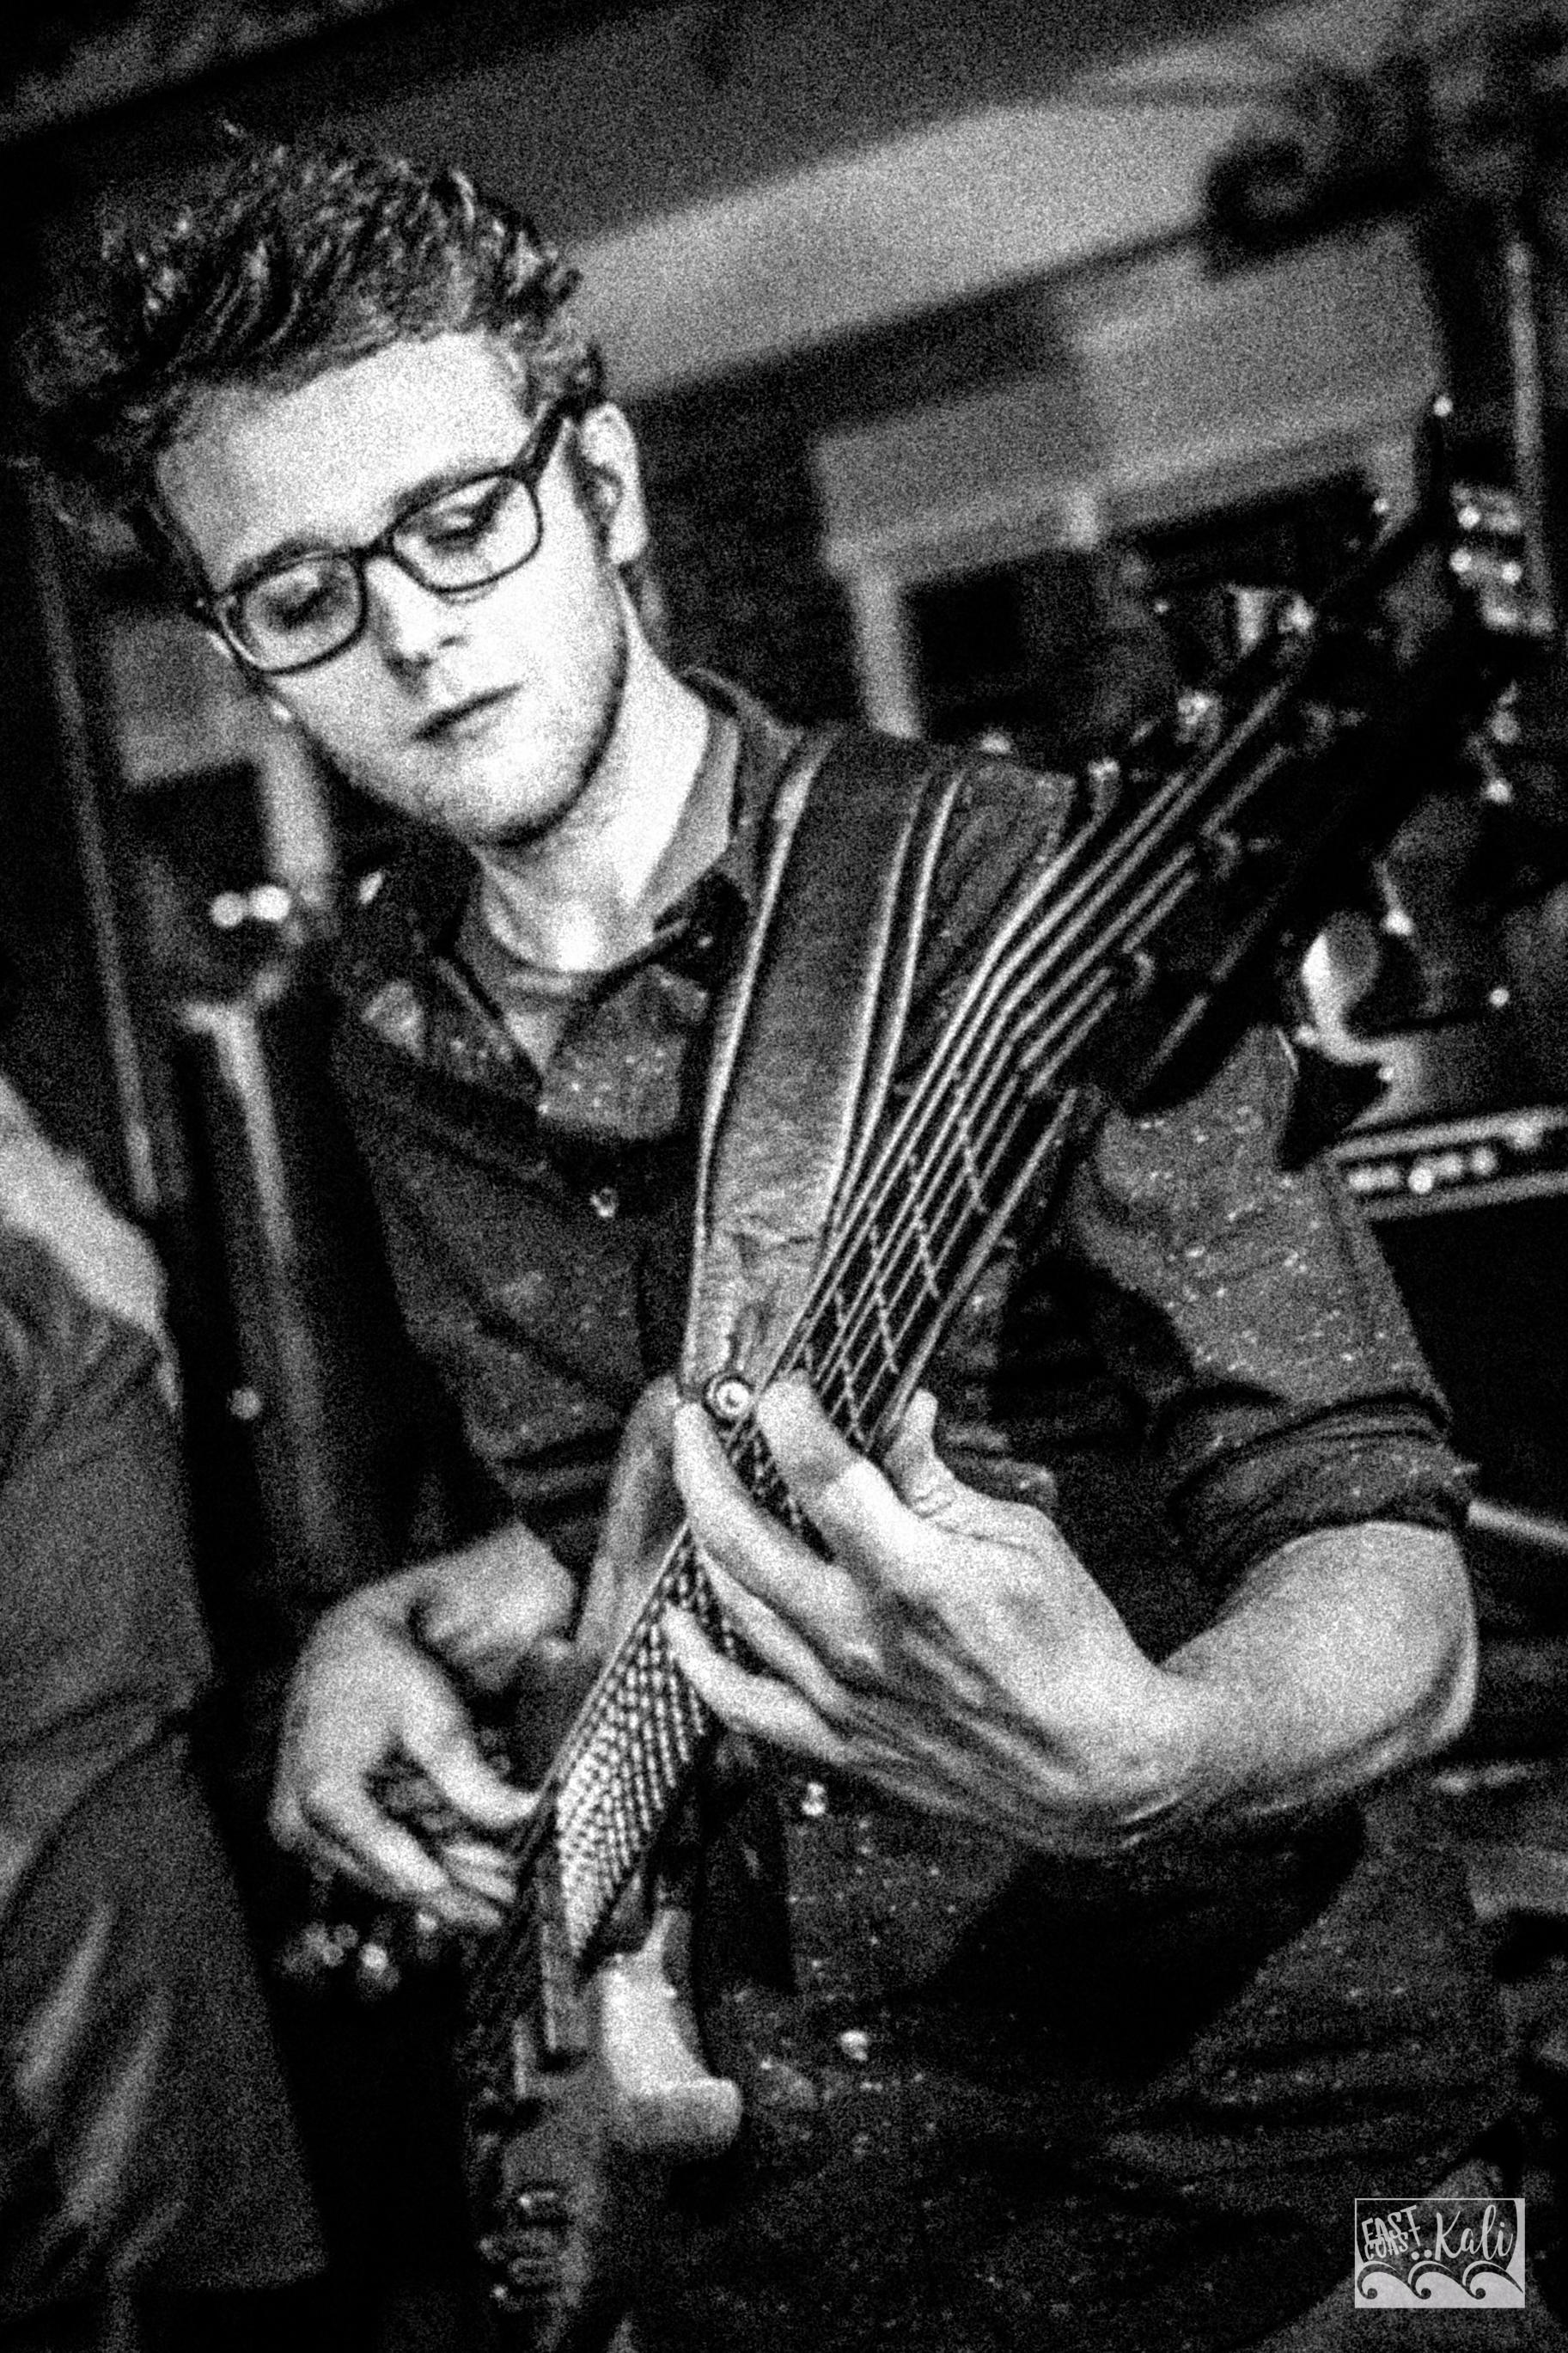 James DeNatale - Bass